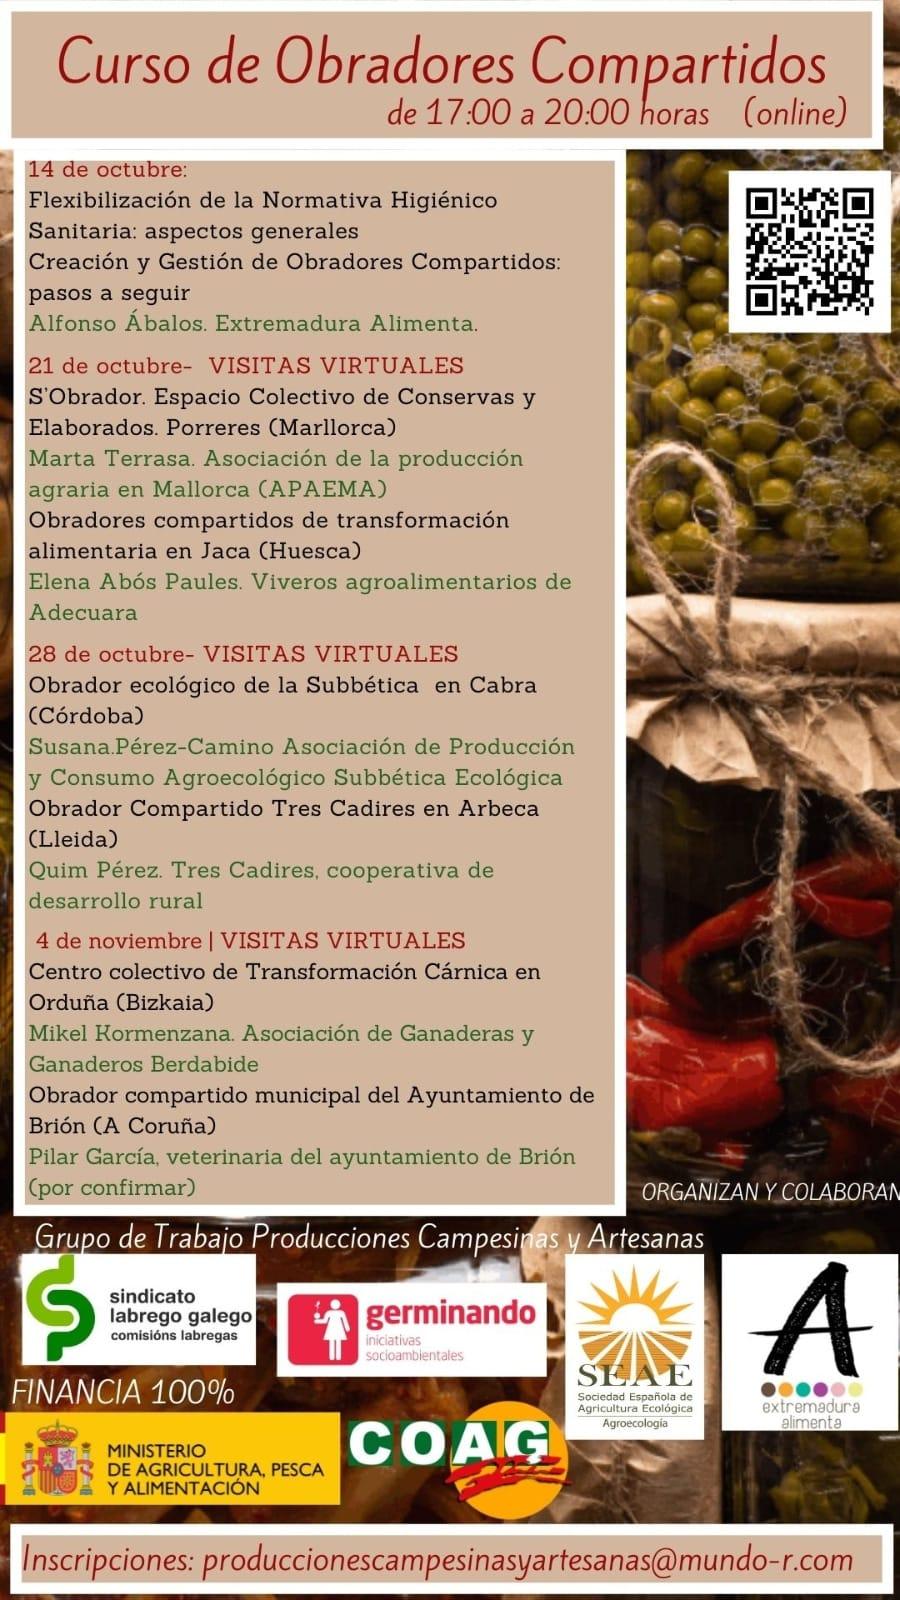 CURSO OBRADORES COMPARTIDOS SLG